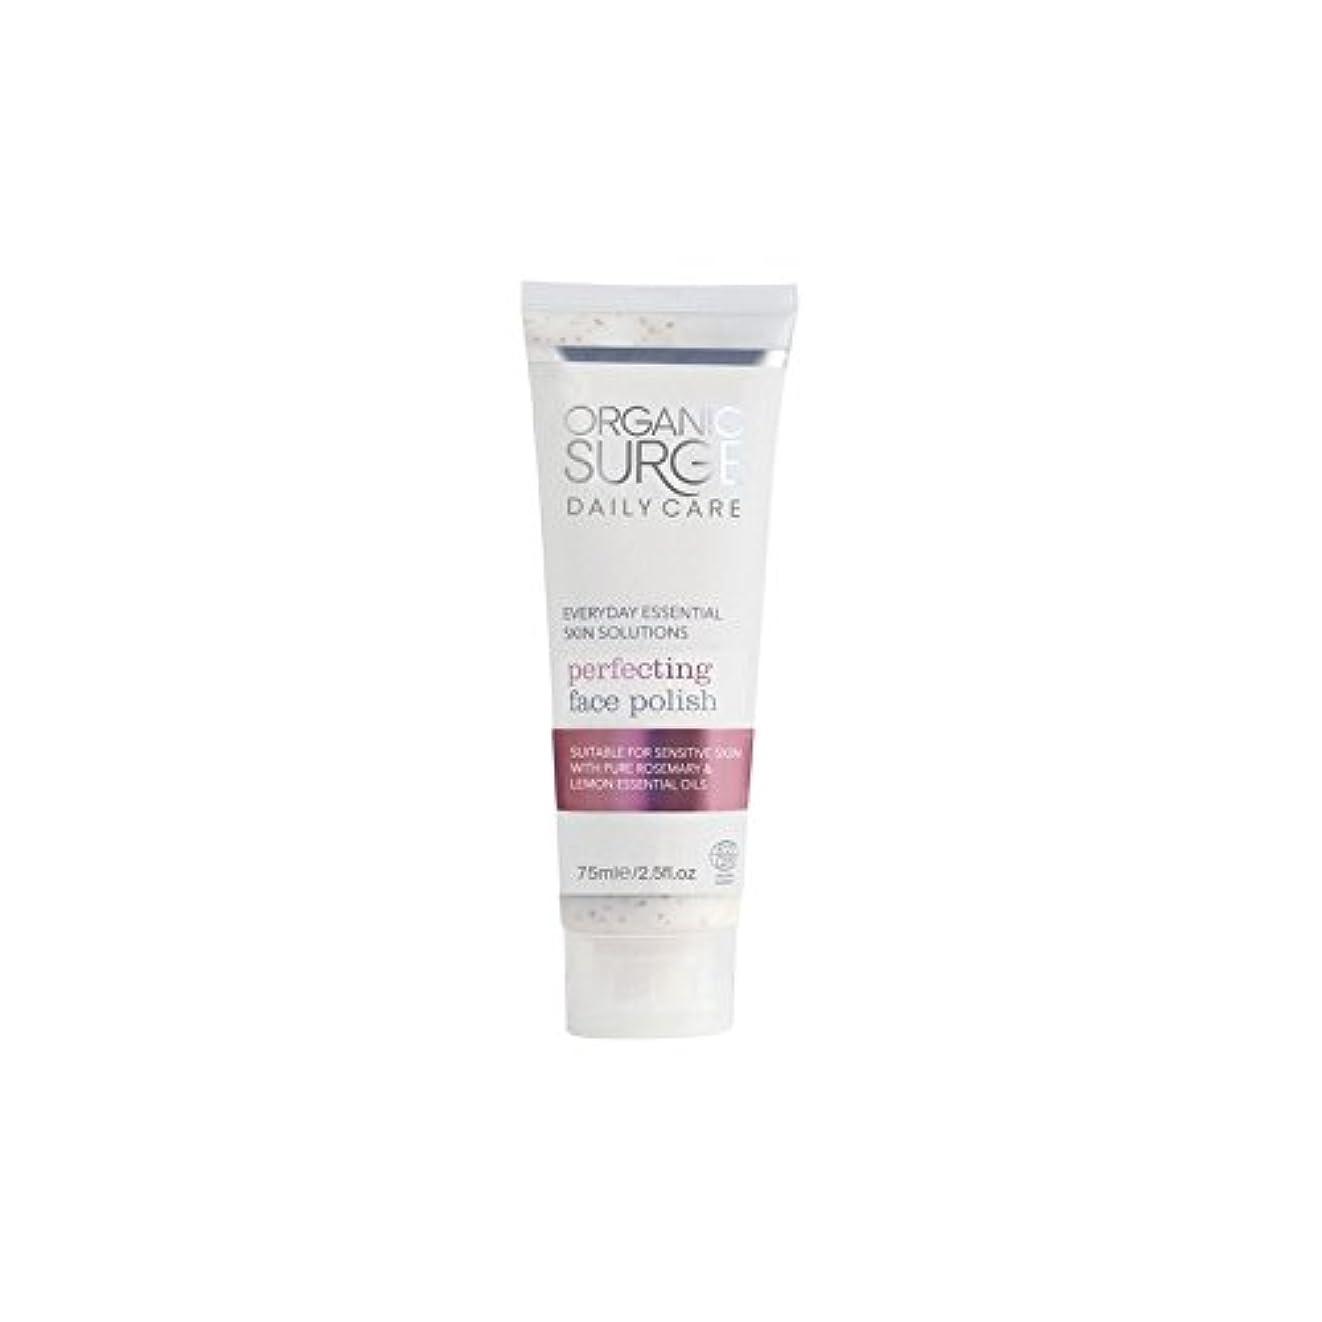 不誠実まとめるリンクOrganic Surge Daily Care Perfecting Face Polish (75ml) - 面研磨を完成有機サージ毎日のケア(75ミリリットル) [並行輸入品]